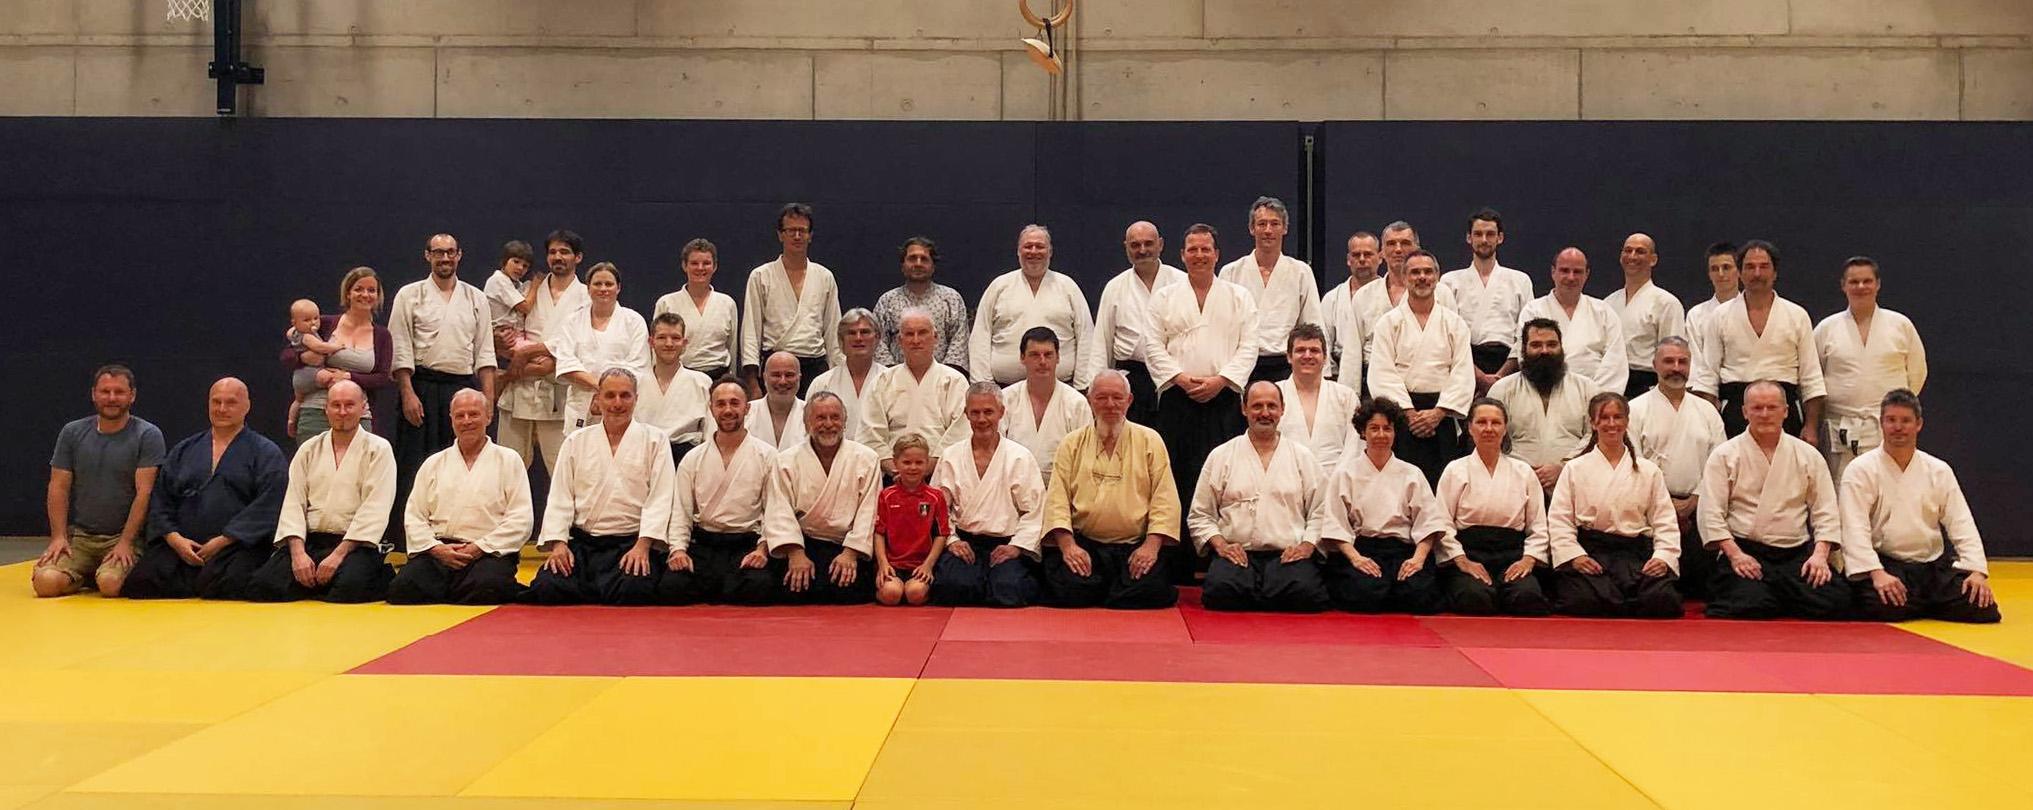 Lehrgangsgruppenfoto 2019 (c) Aikido Graz